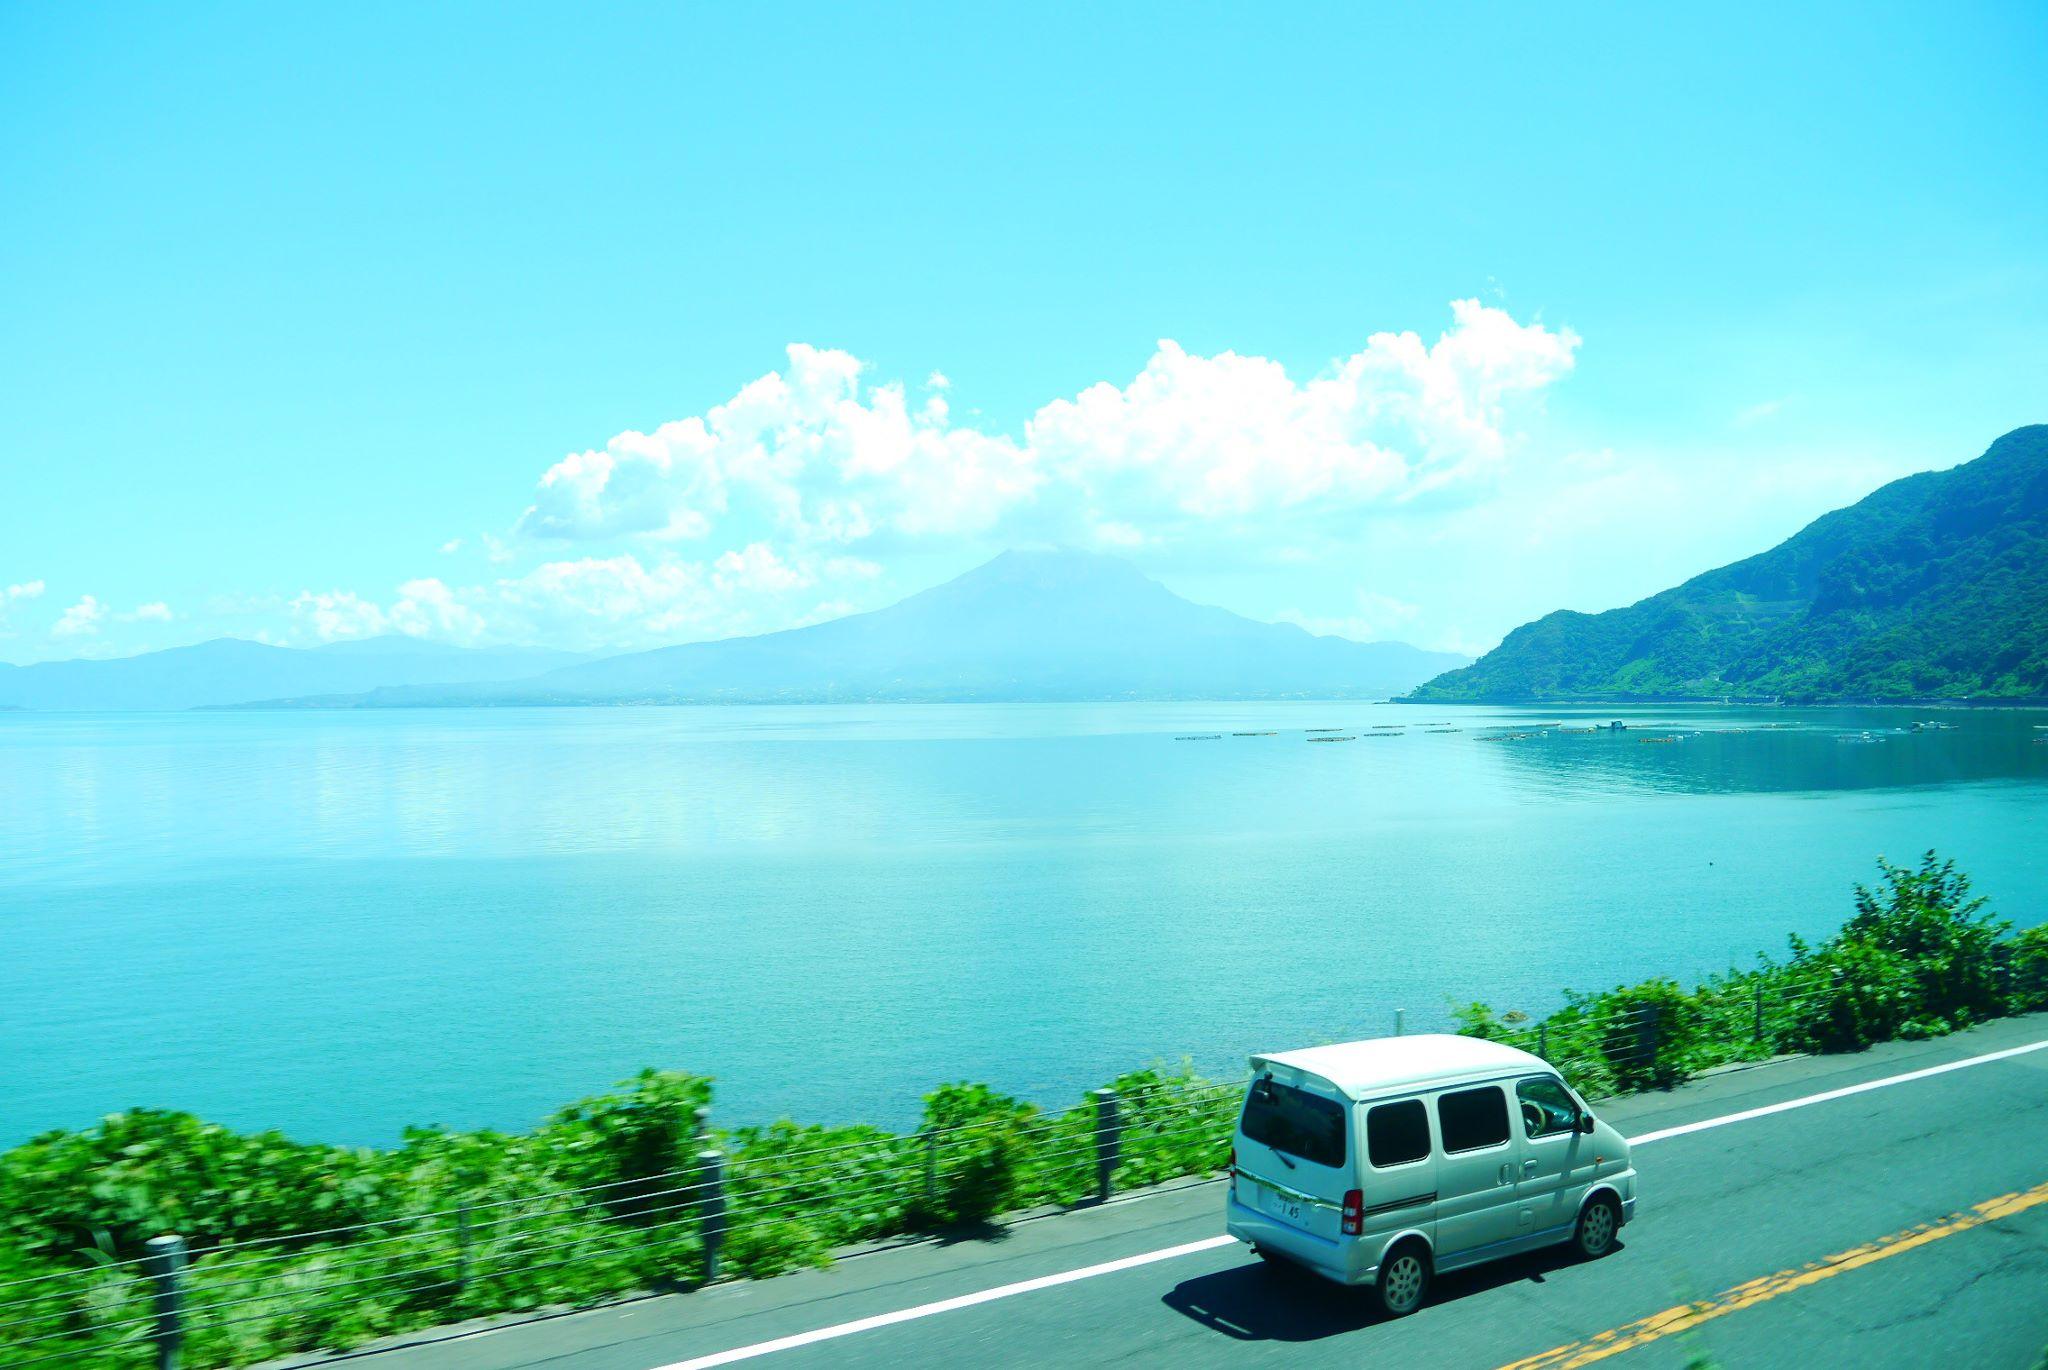 作JR九州鐵道,發現鹿兒島的櫻島